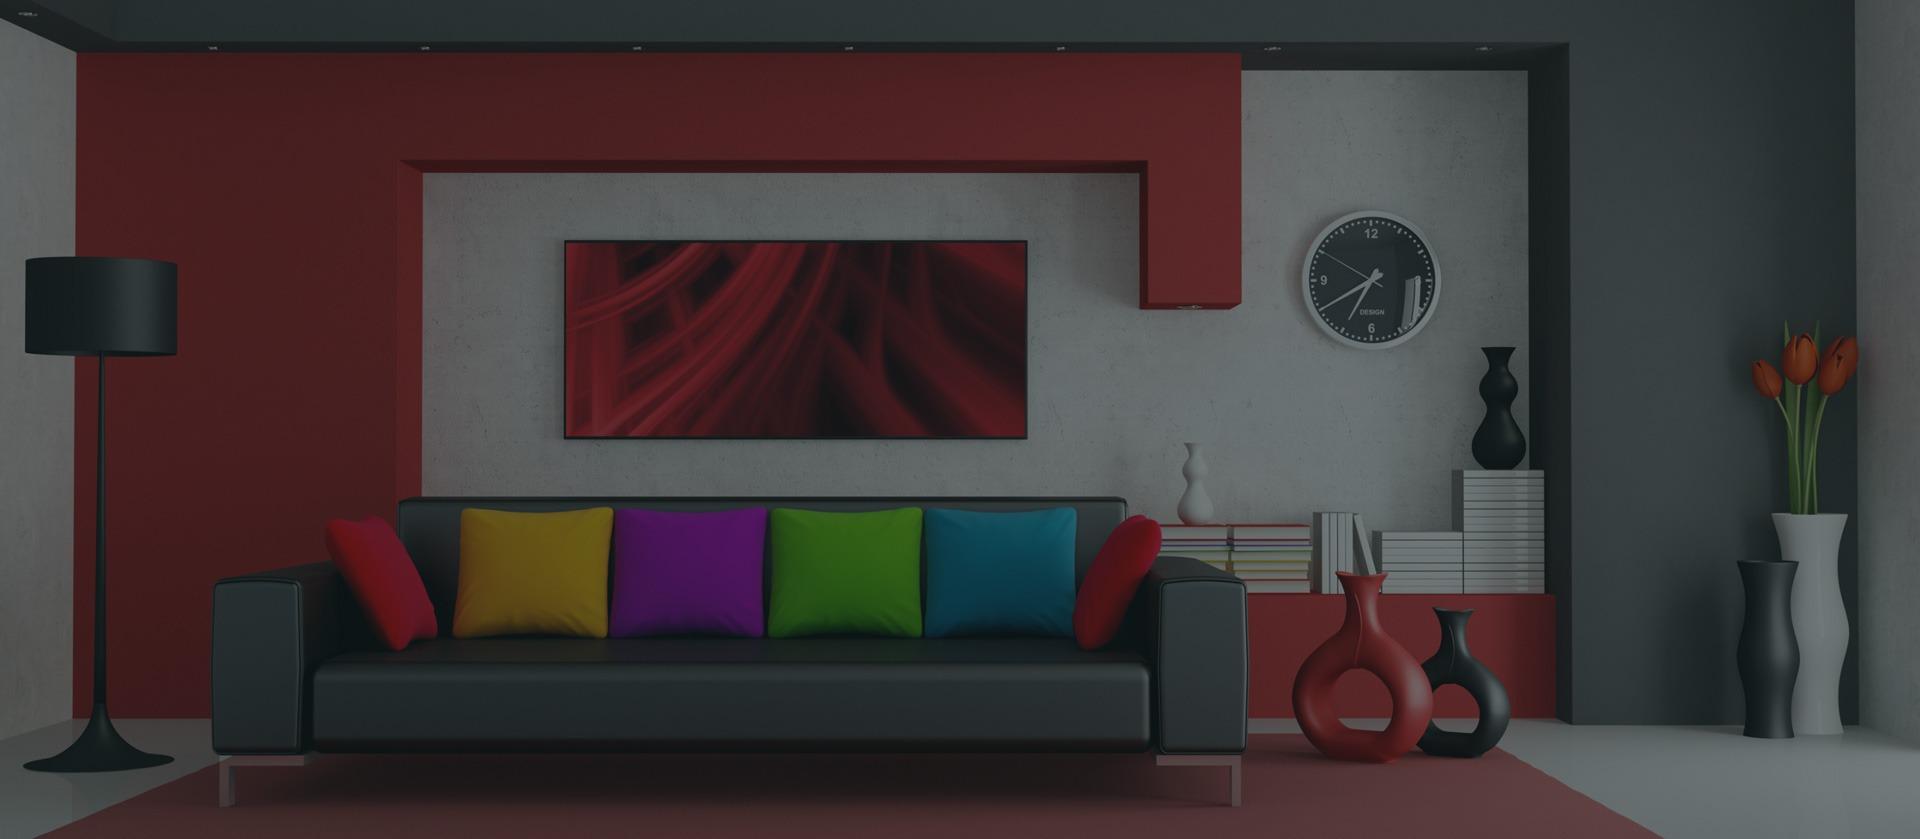 design-slide2